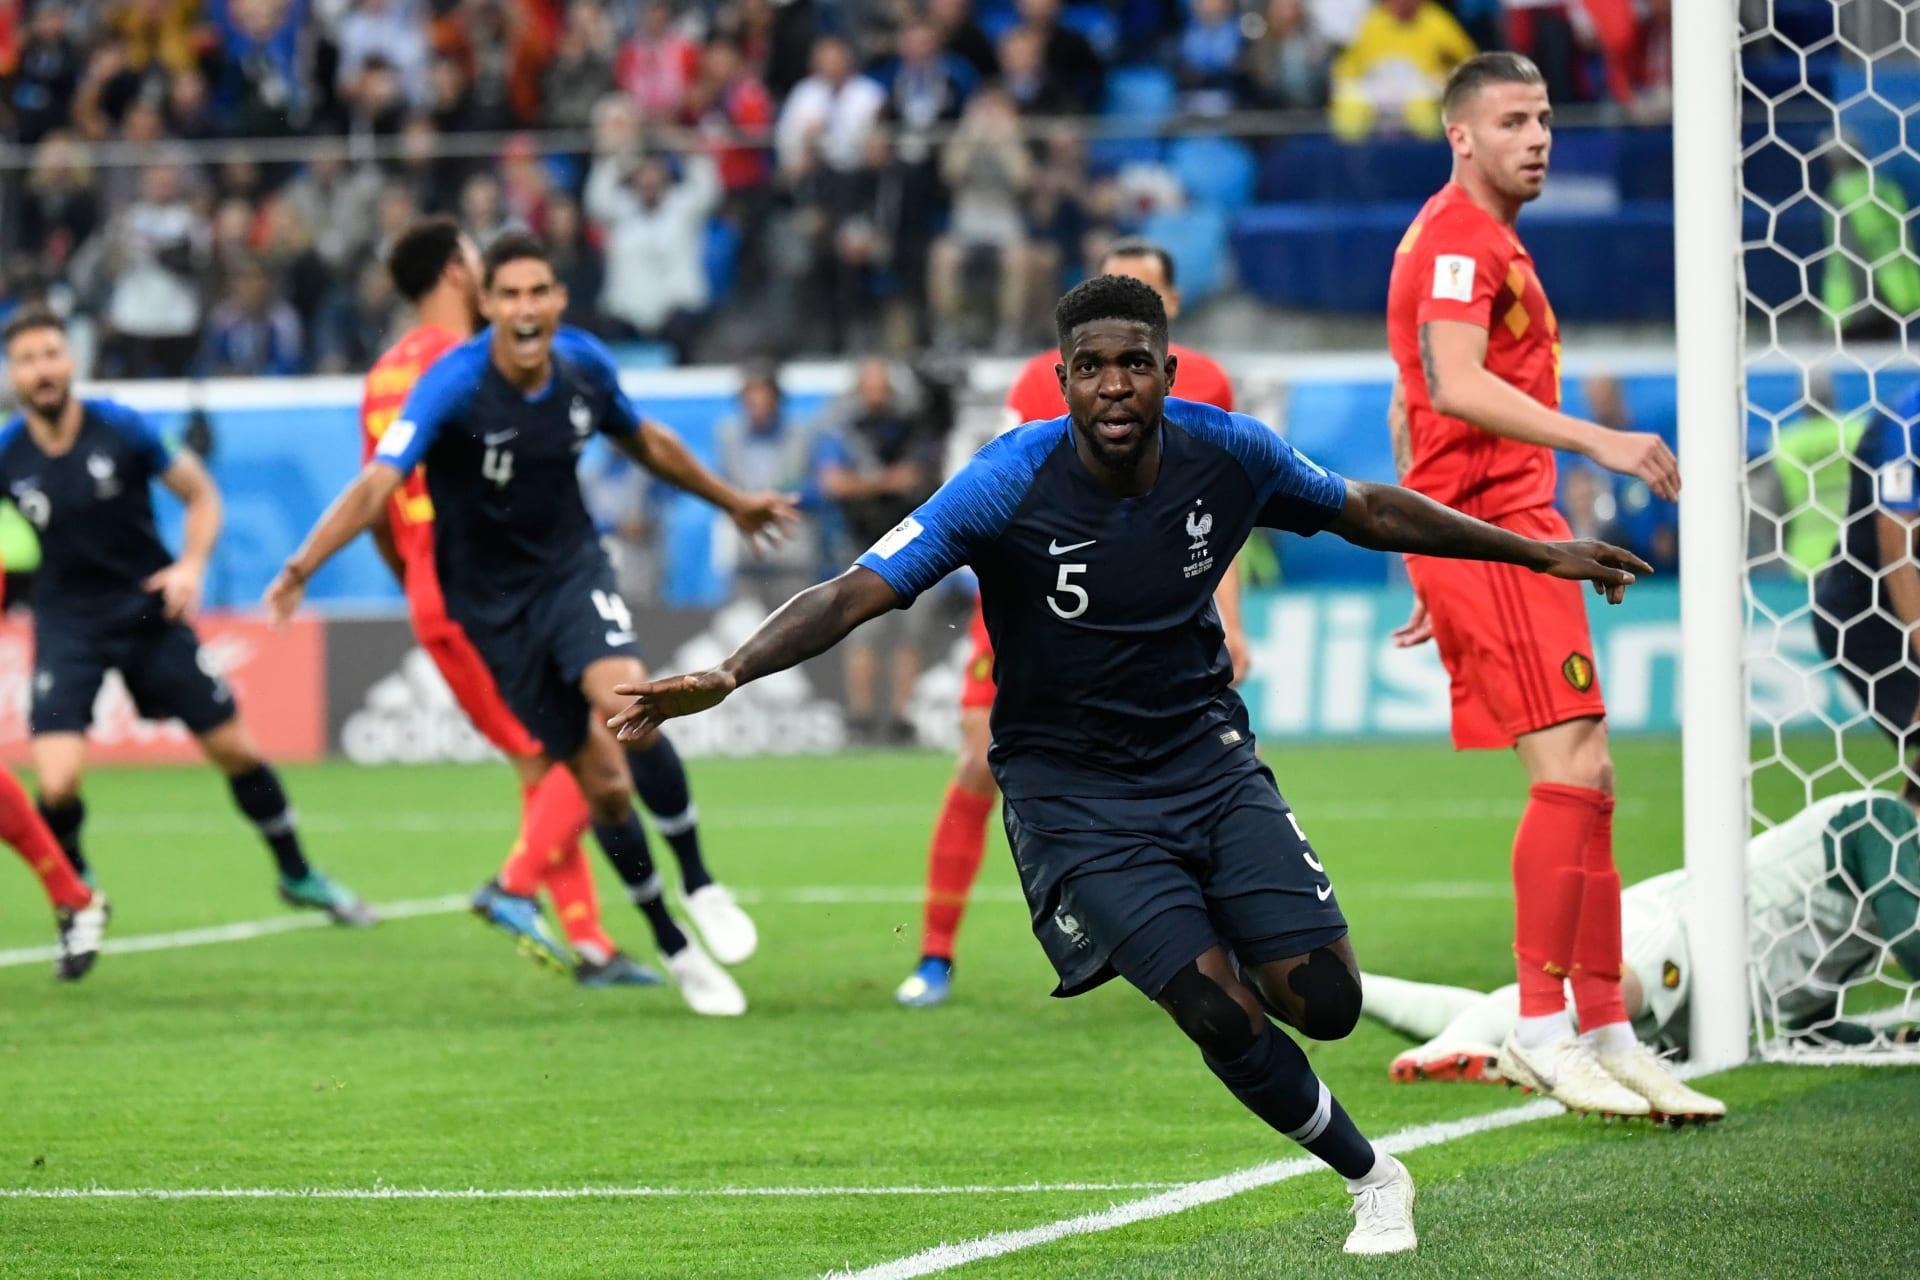 """حلم """"الديوك"""" يستمر.. فرنسا في نهائي كأس العالم للمرة الثالثة في تاريخه"""